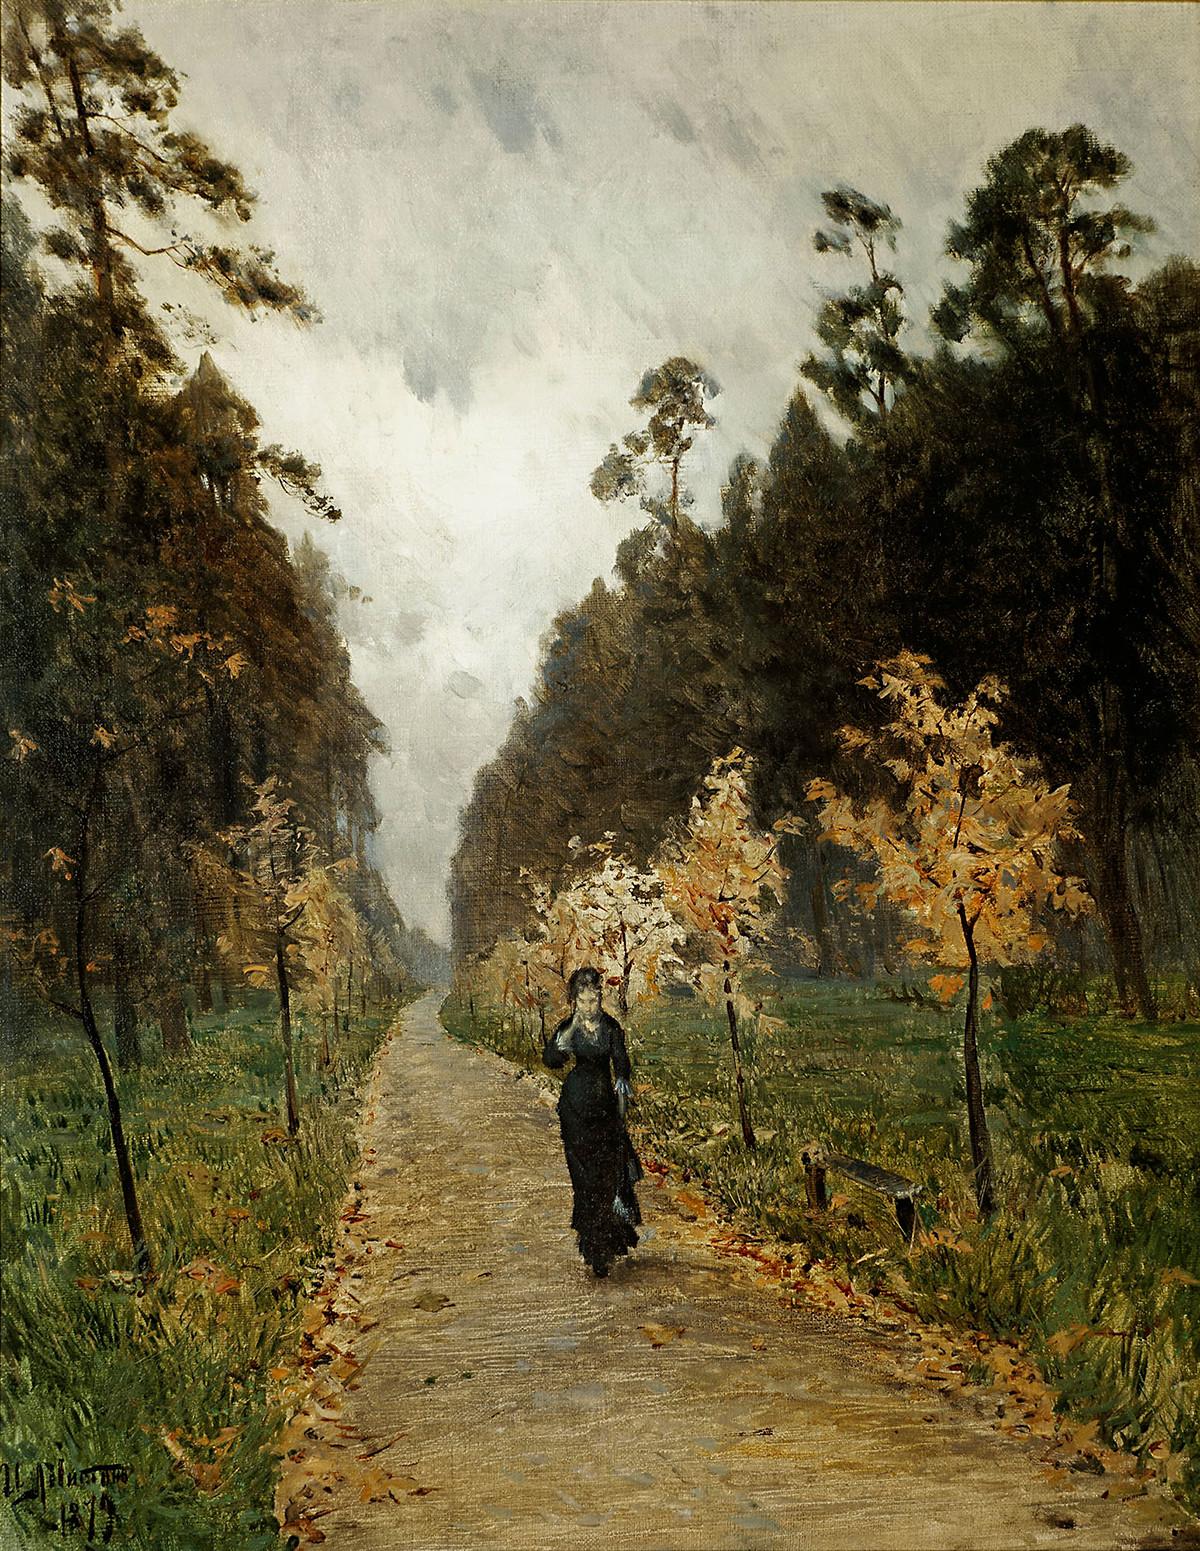 Jour d'automne. Sokolniki, 1879